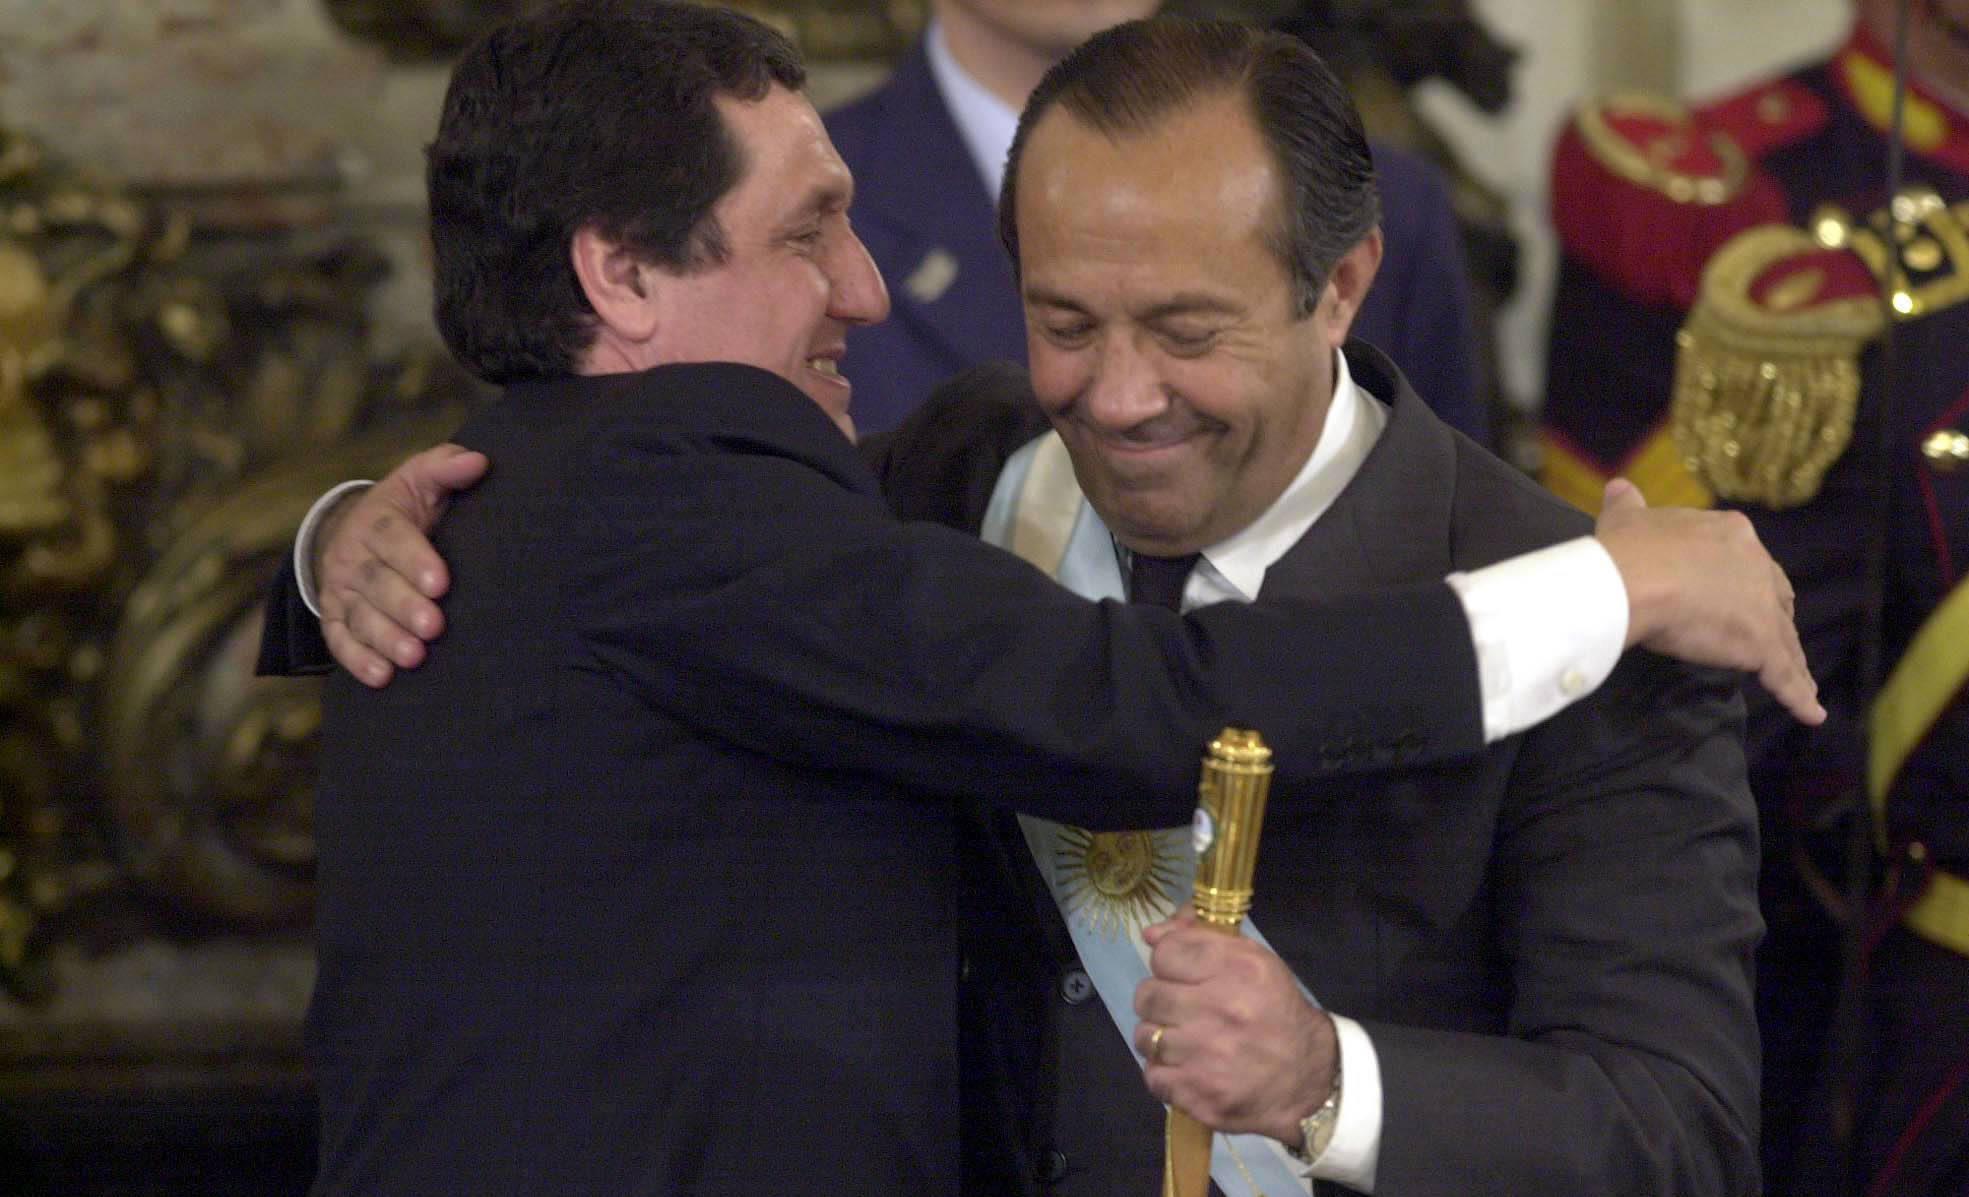 El 30 de diciembre de 2001, Rodríguez Saá renunció a la presidencia de la Nación. Había asumido una semana antes.